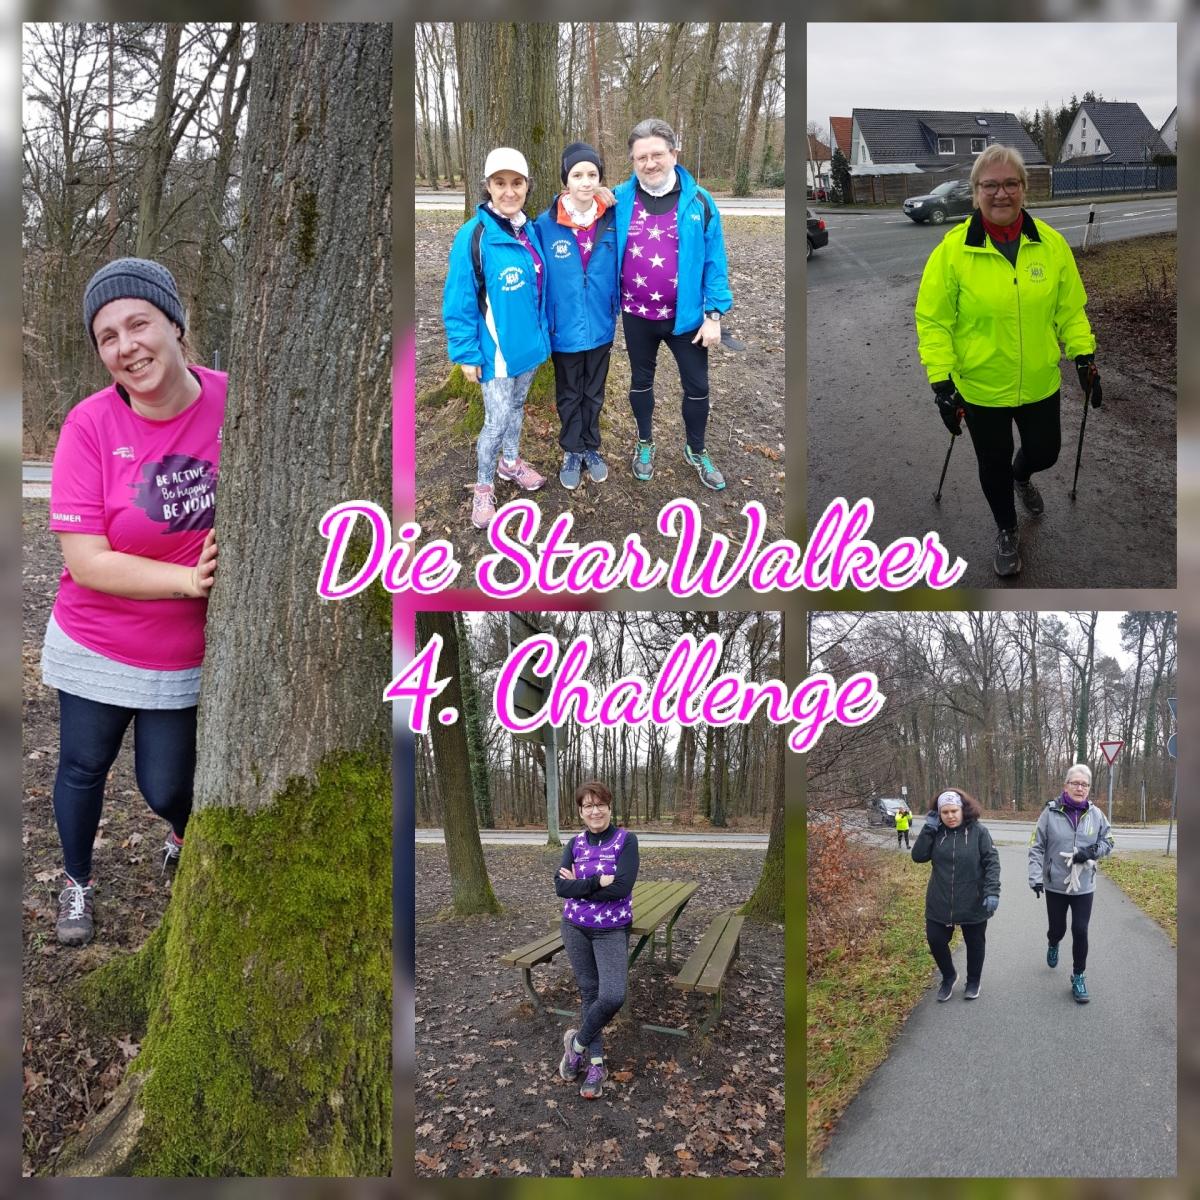 Kuemmel-Sylvia-4-Challenge-Marathon-Team-s8iGd